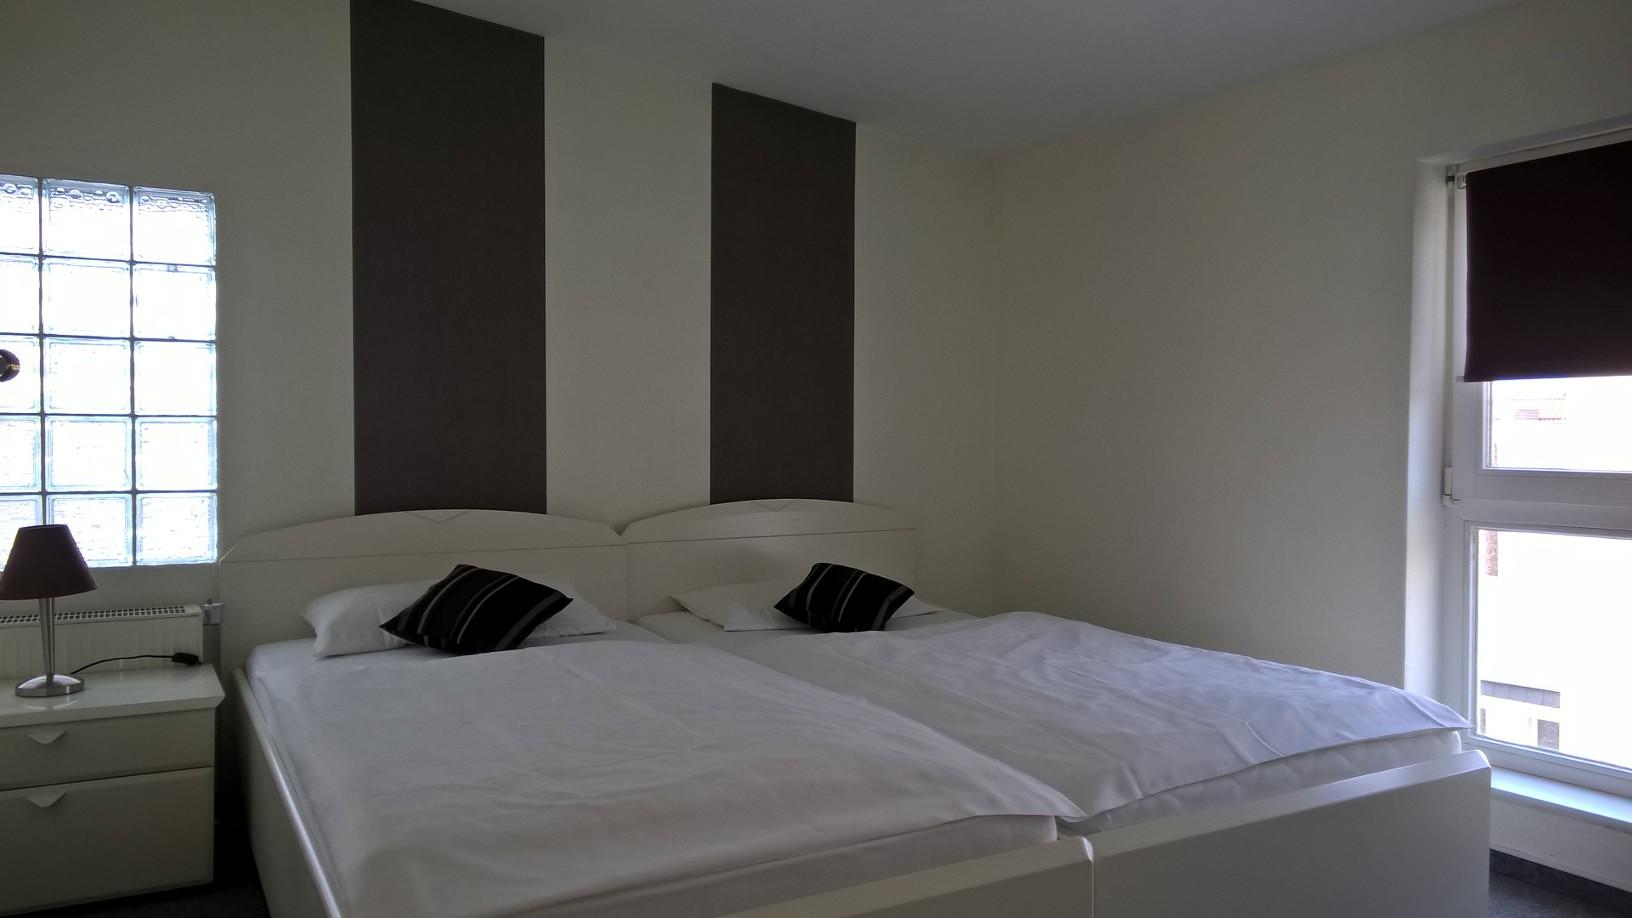 Hotel Halle Appartementhaus Zimmer 9.jpg